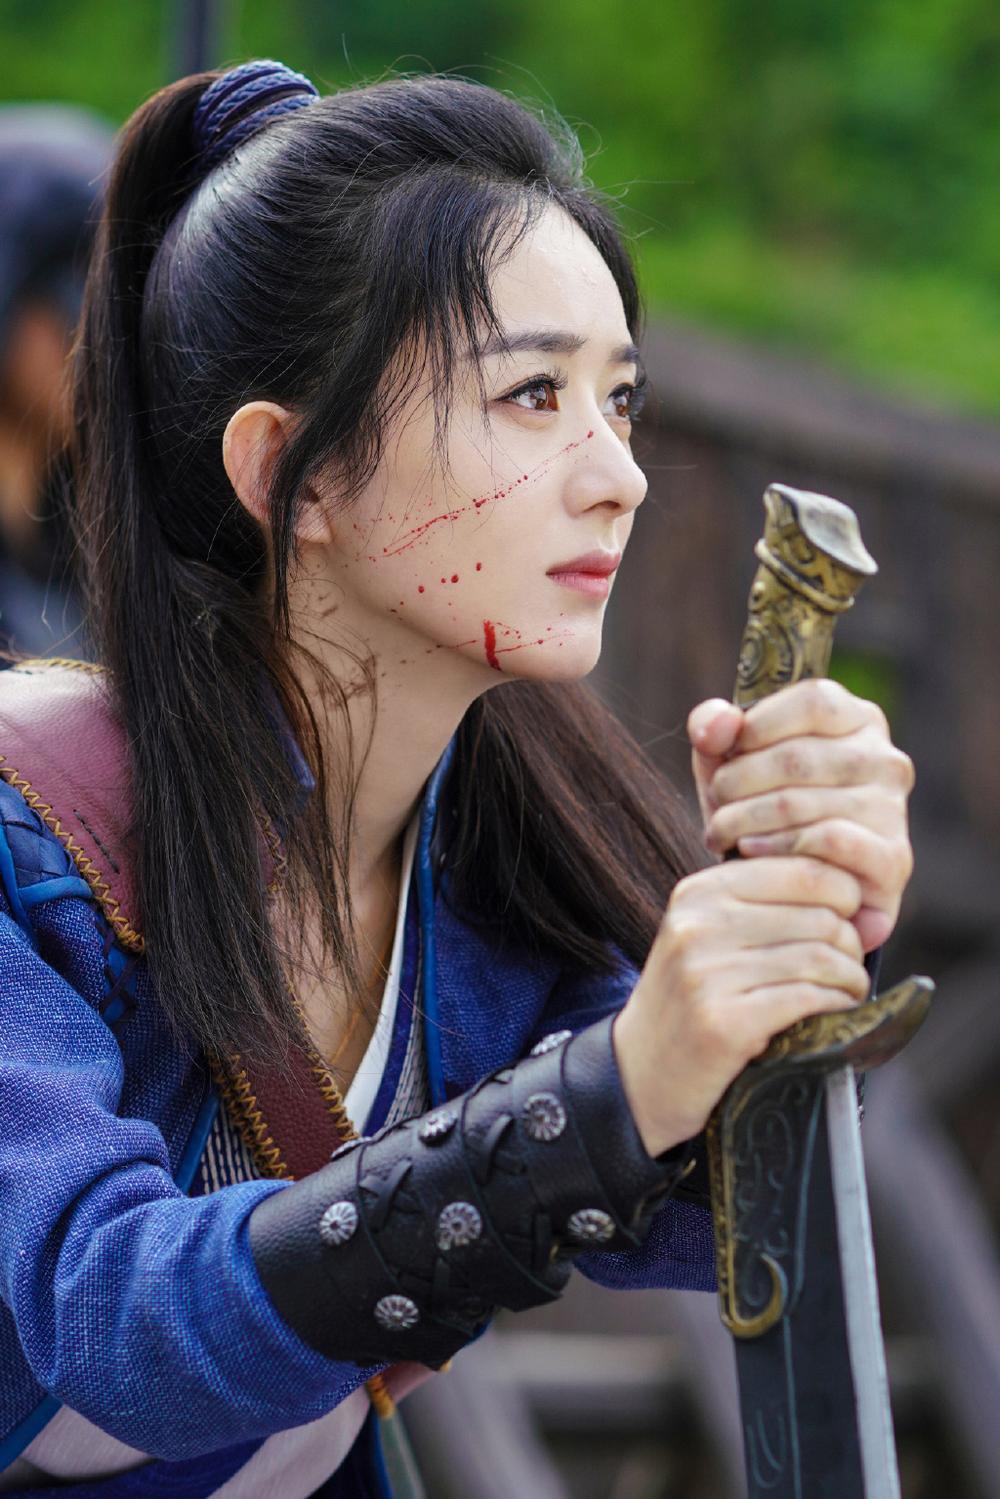 Cuộc chiến màn ảnh của Triệu Lệ Dĩnh và Lưu Thi Thi: Ai là người thắng cuộc? Ảnh 11